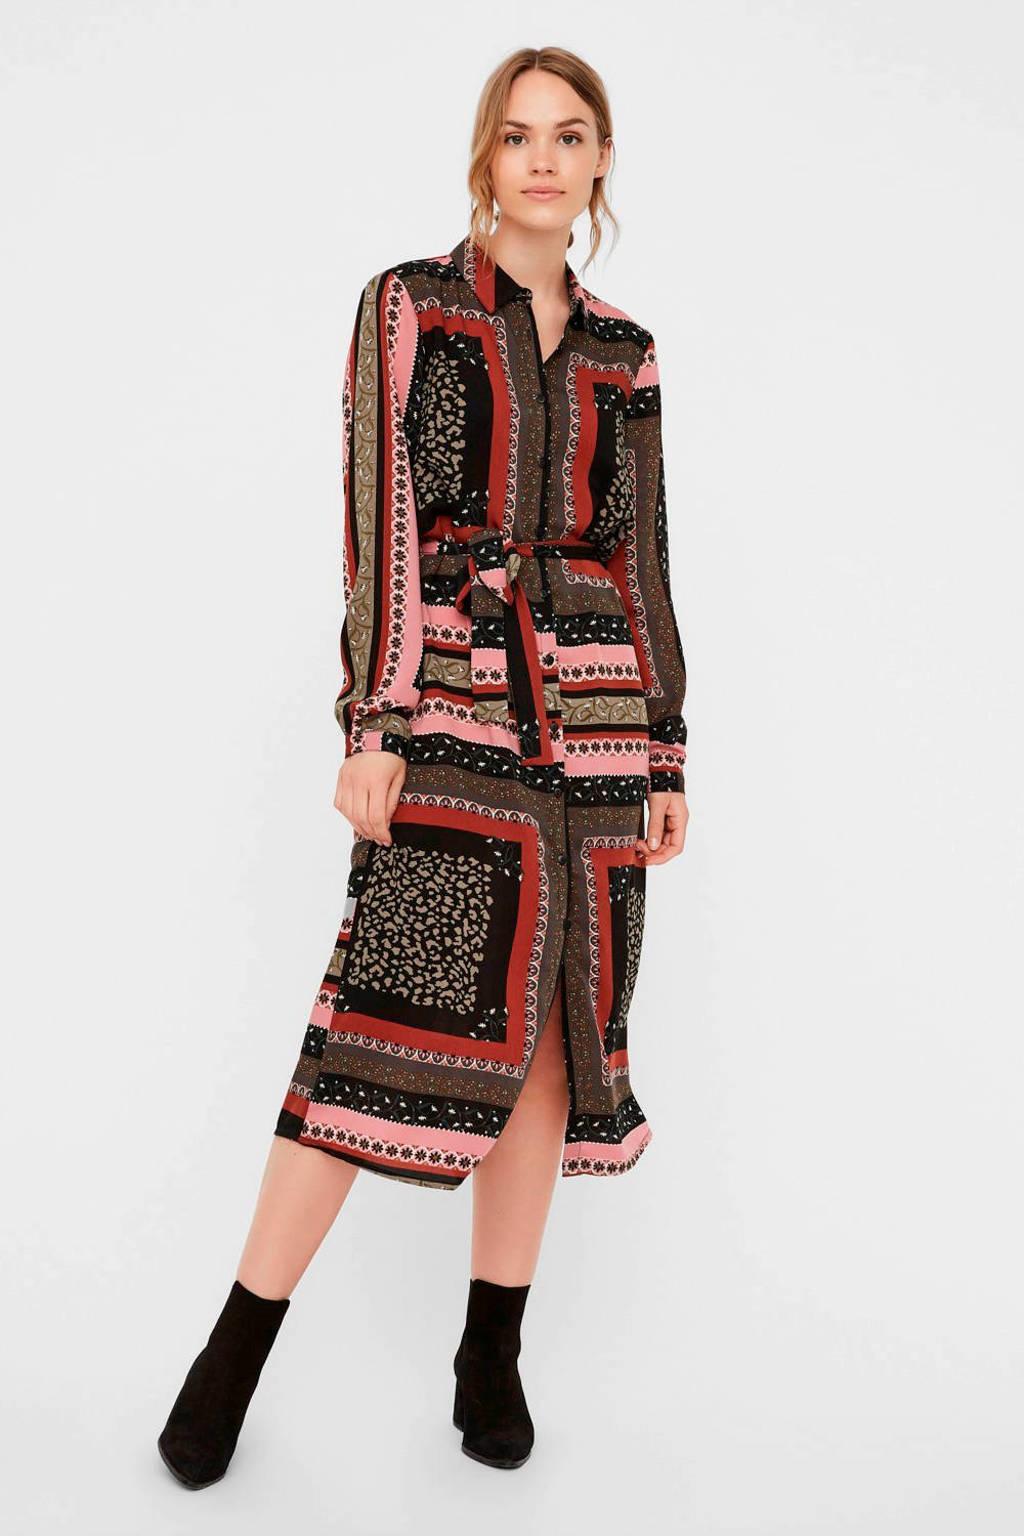 VERO MODA blousejurk met all over print en ceintuur bruin/roze, Bruin/roze